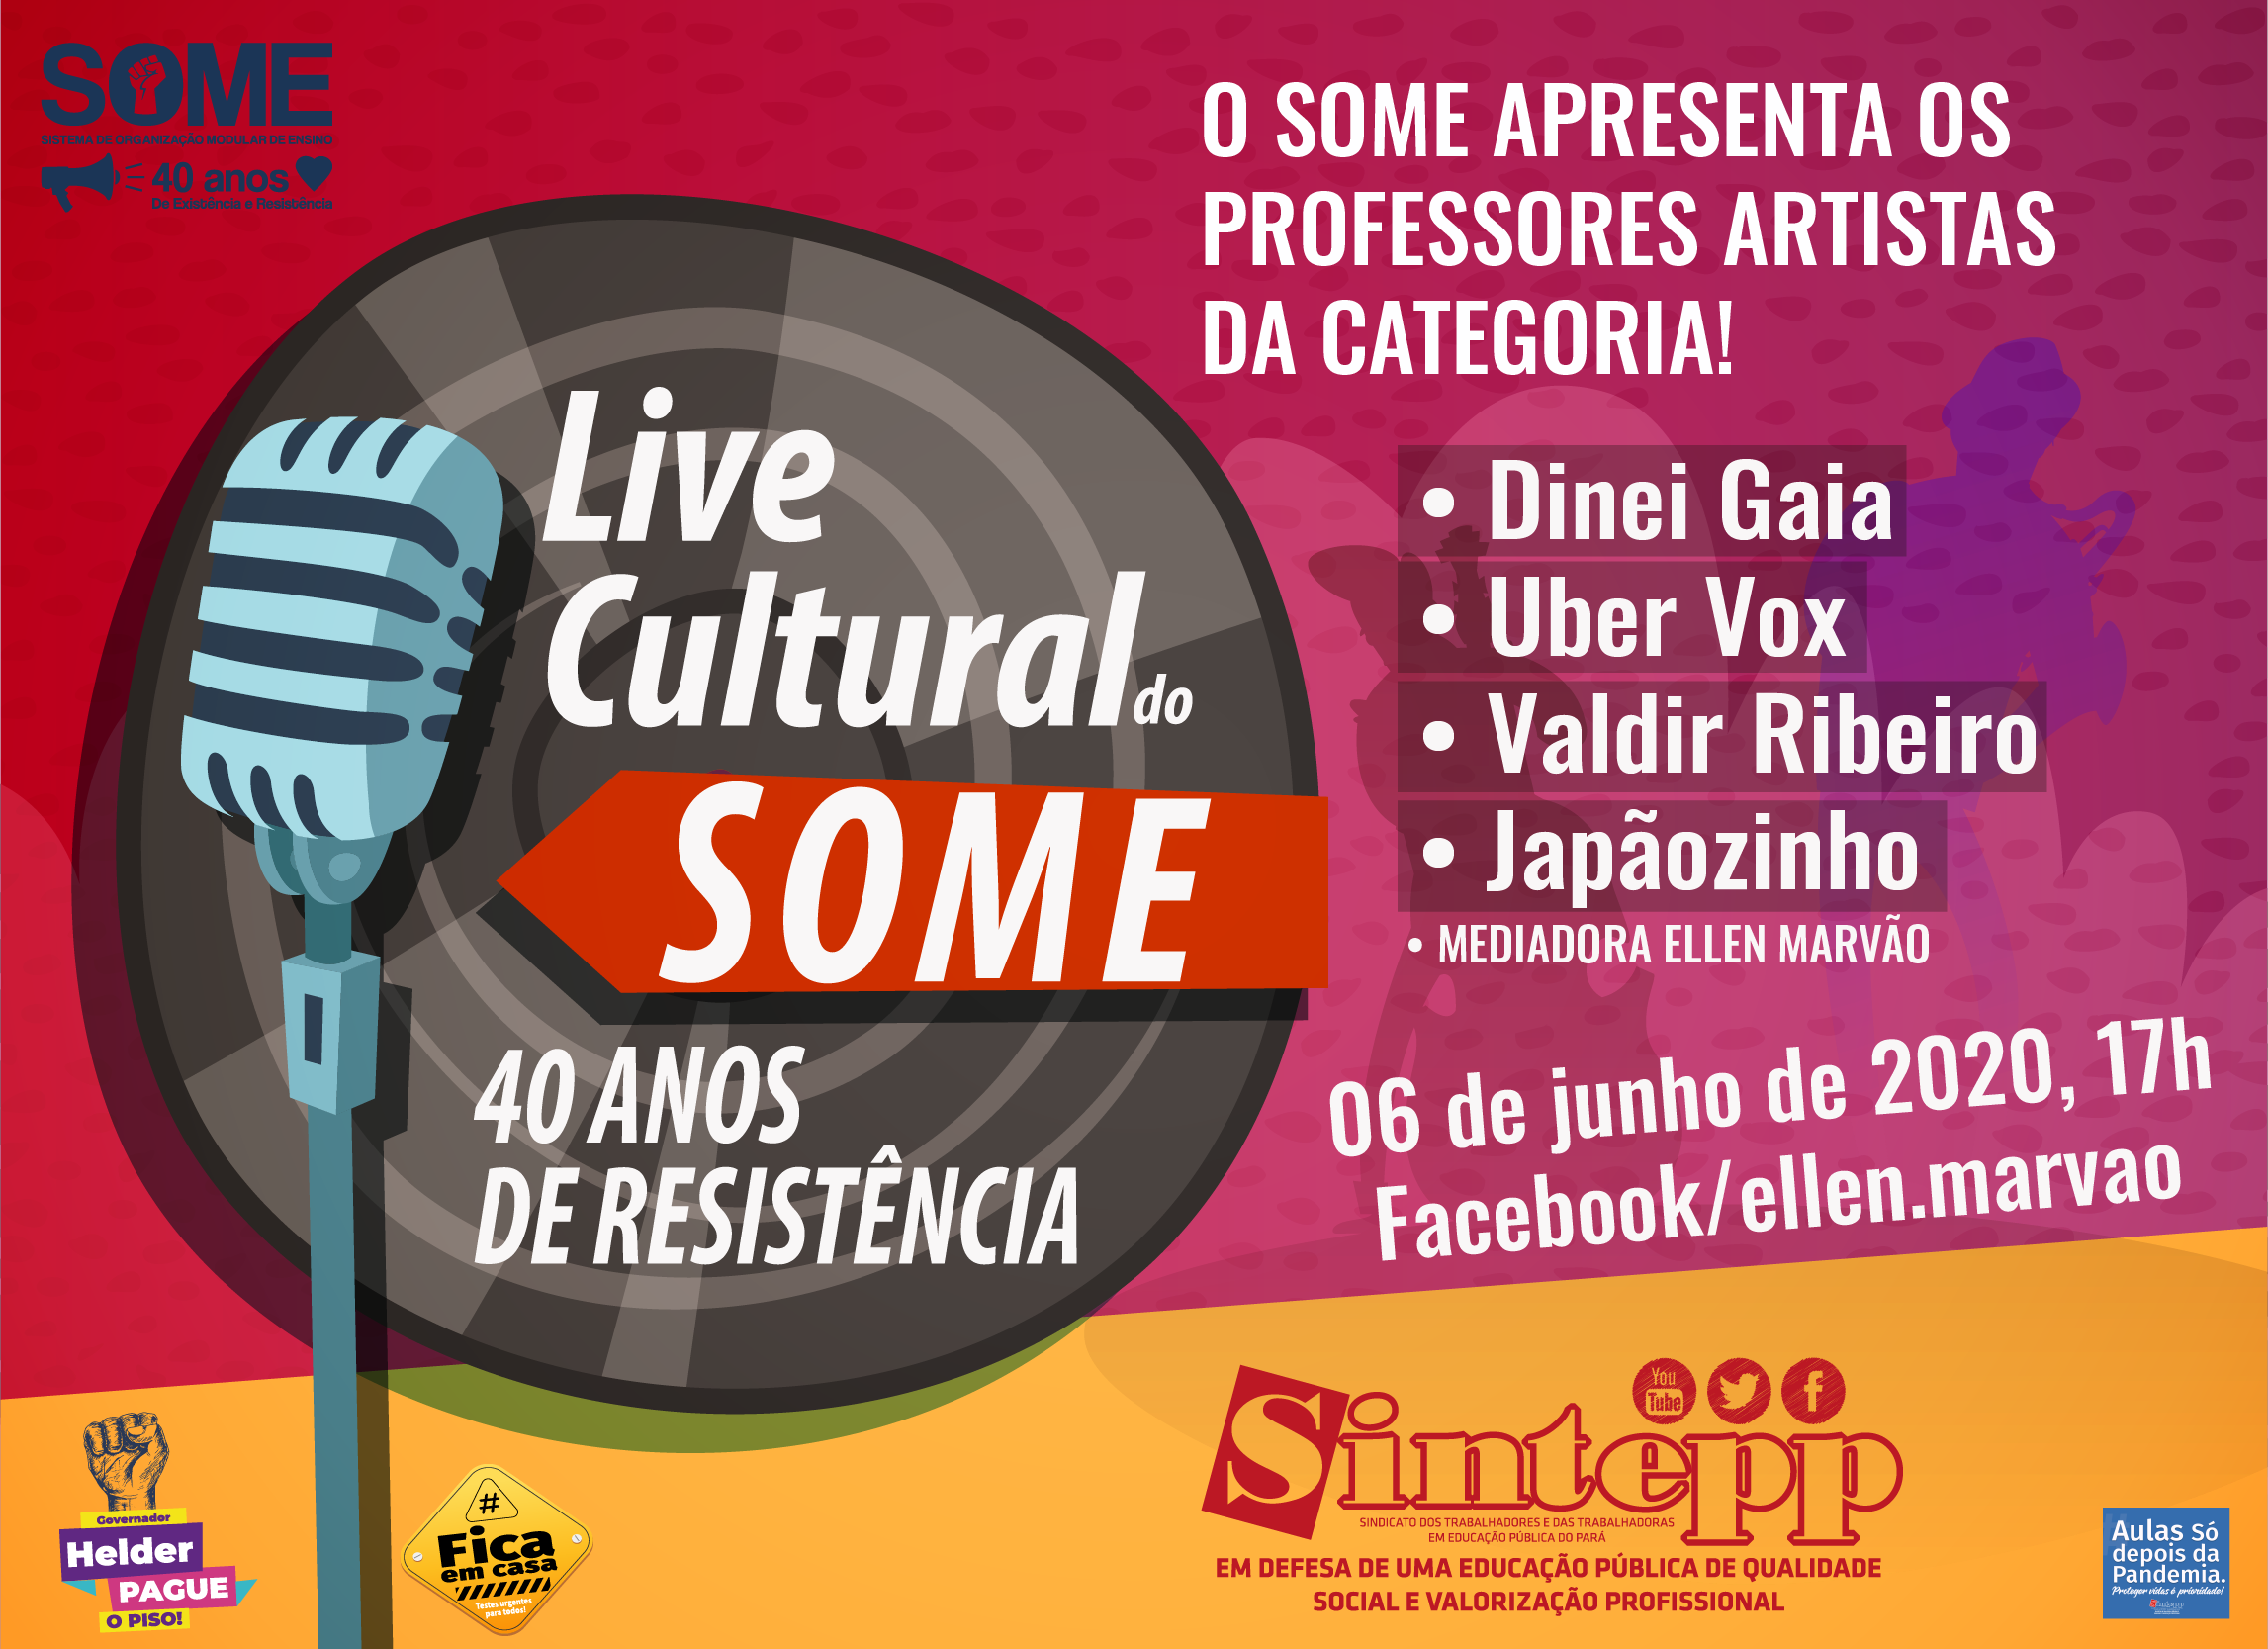 Live cultural do Some: 40 anos de resistência